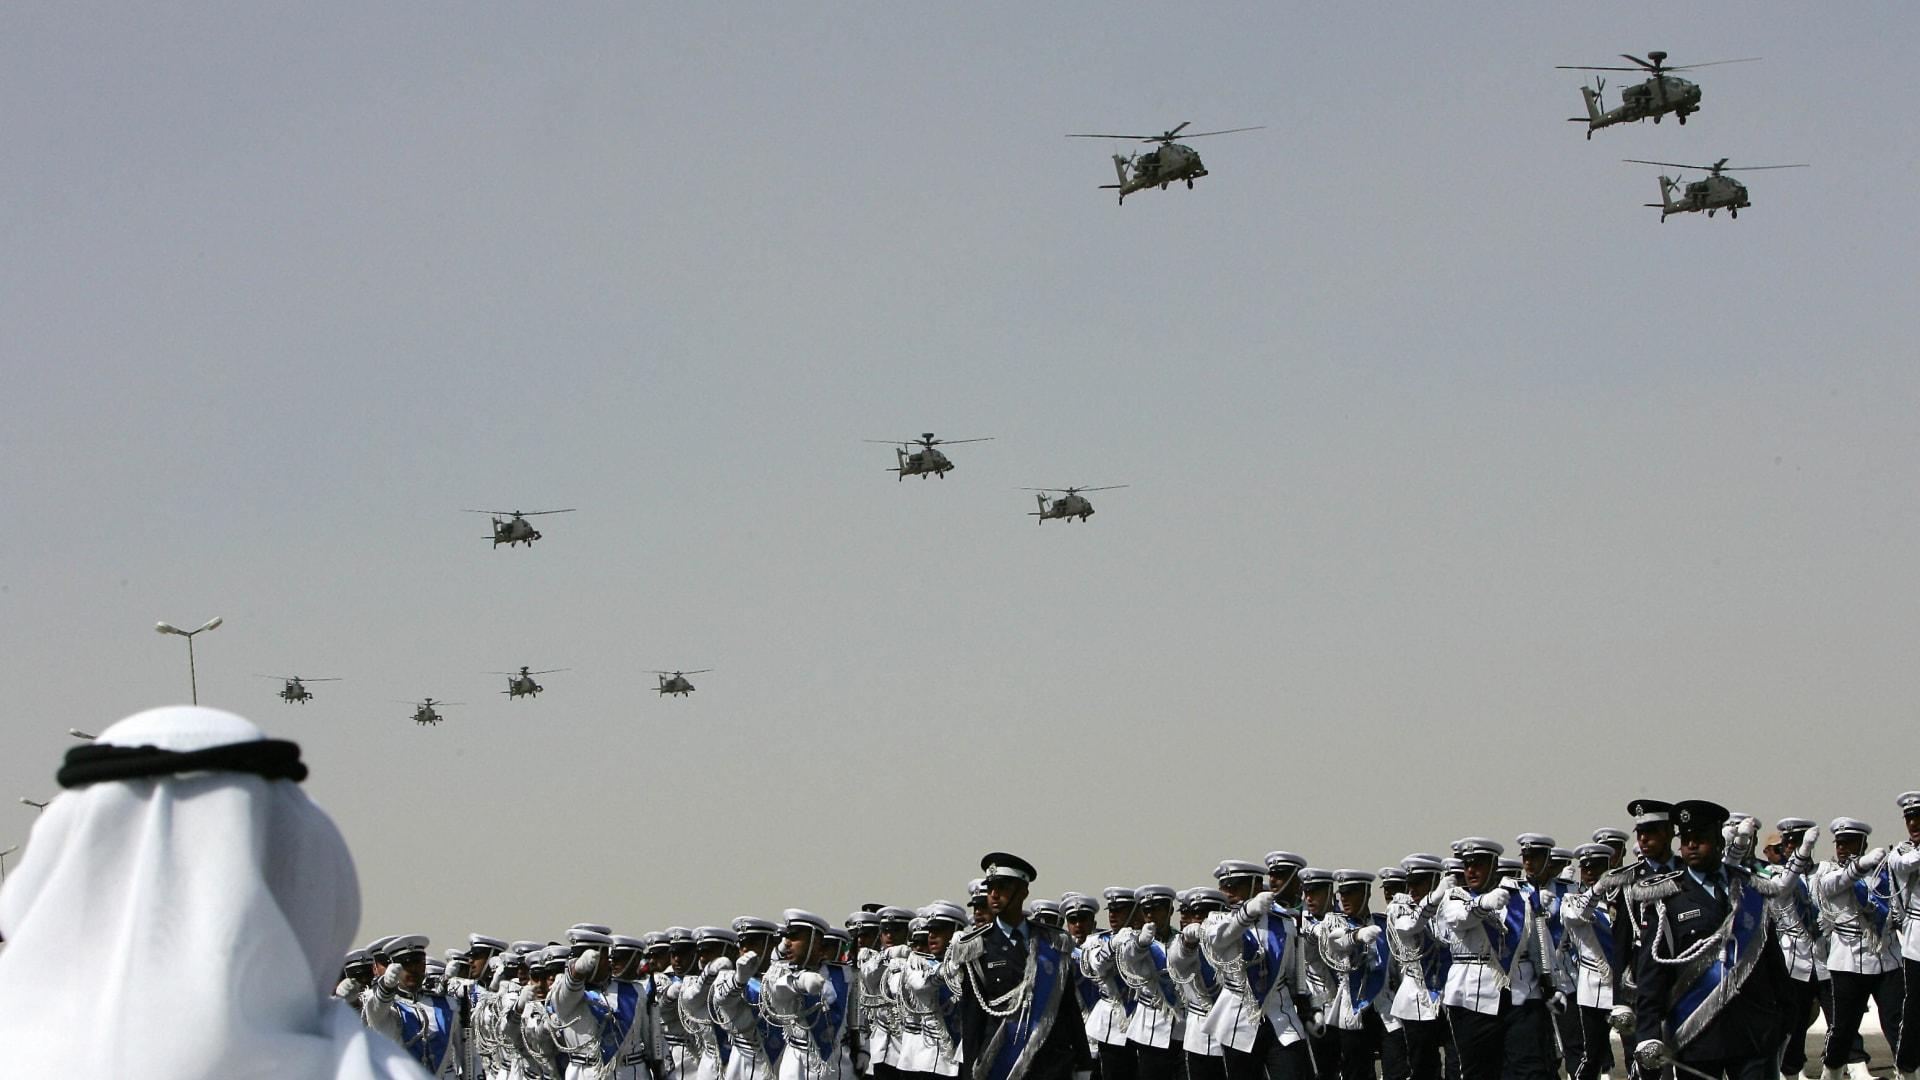 الكويت تطلب التحاق الدفعة الأولى من مجندي الخدمة العسكرية